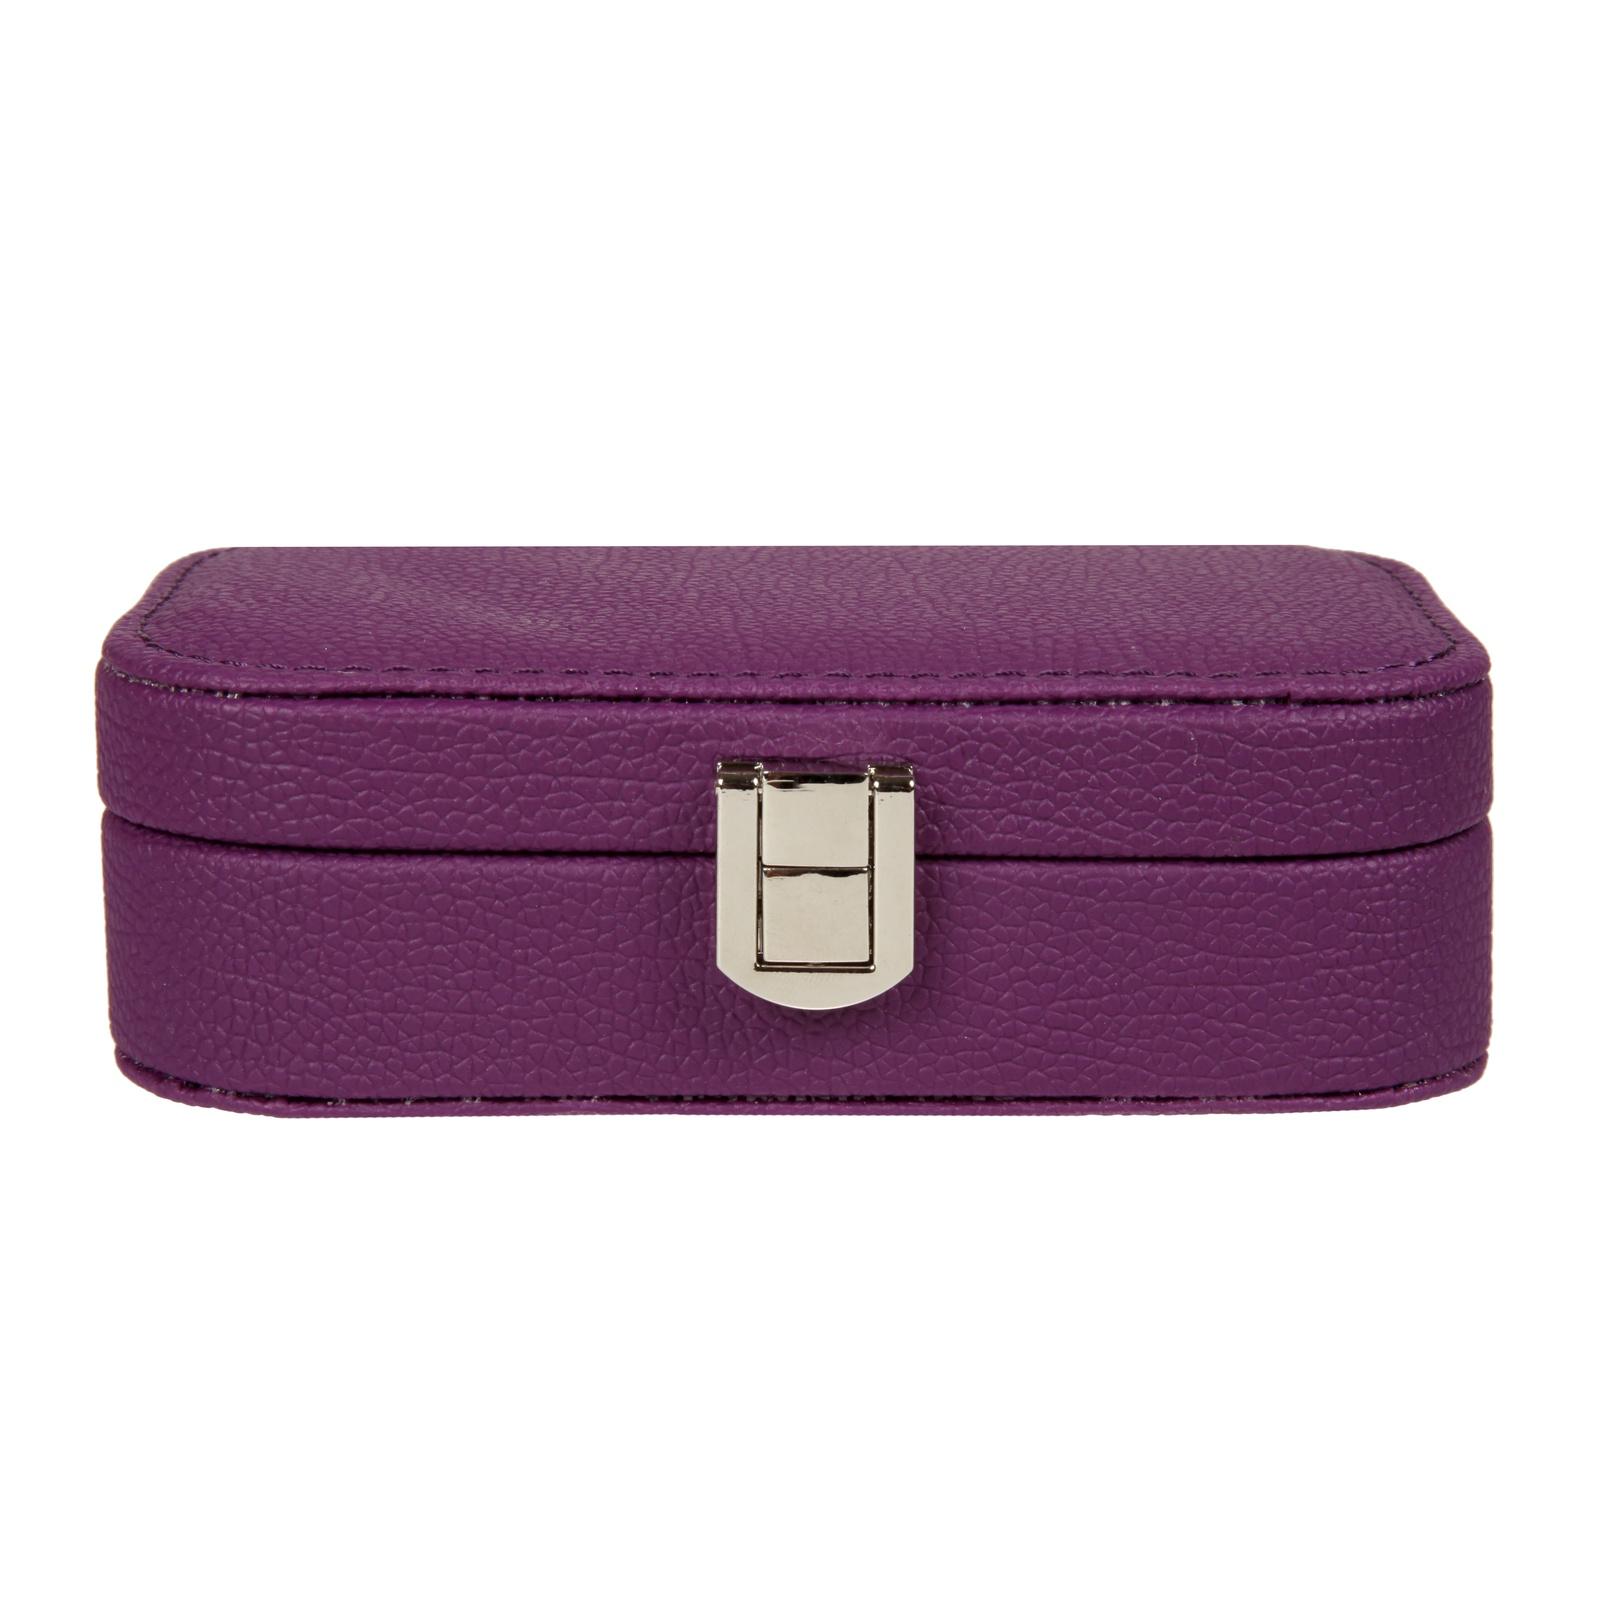 Дорожная шкатулка для украшений, S-7117-2 фиолетовый цена 2017